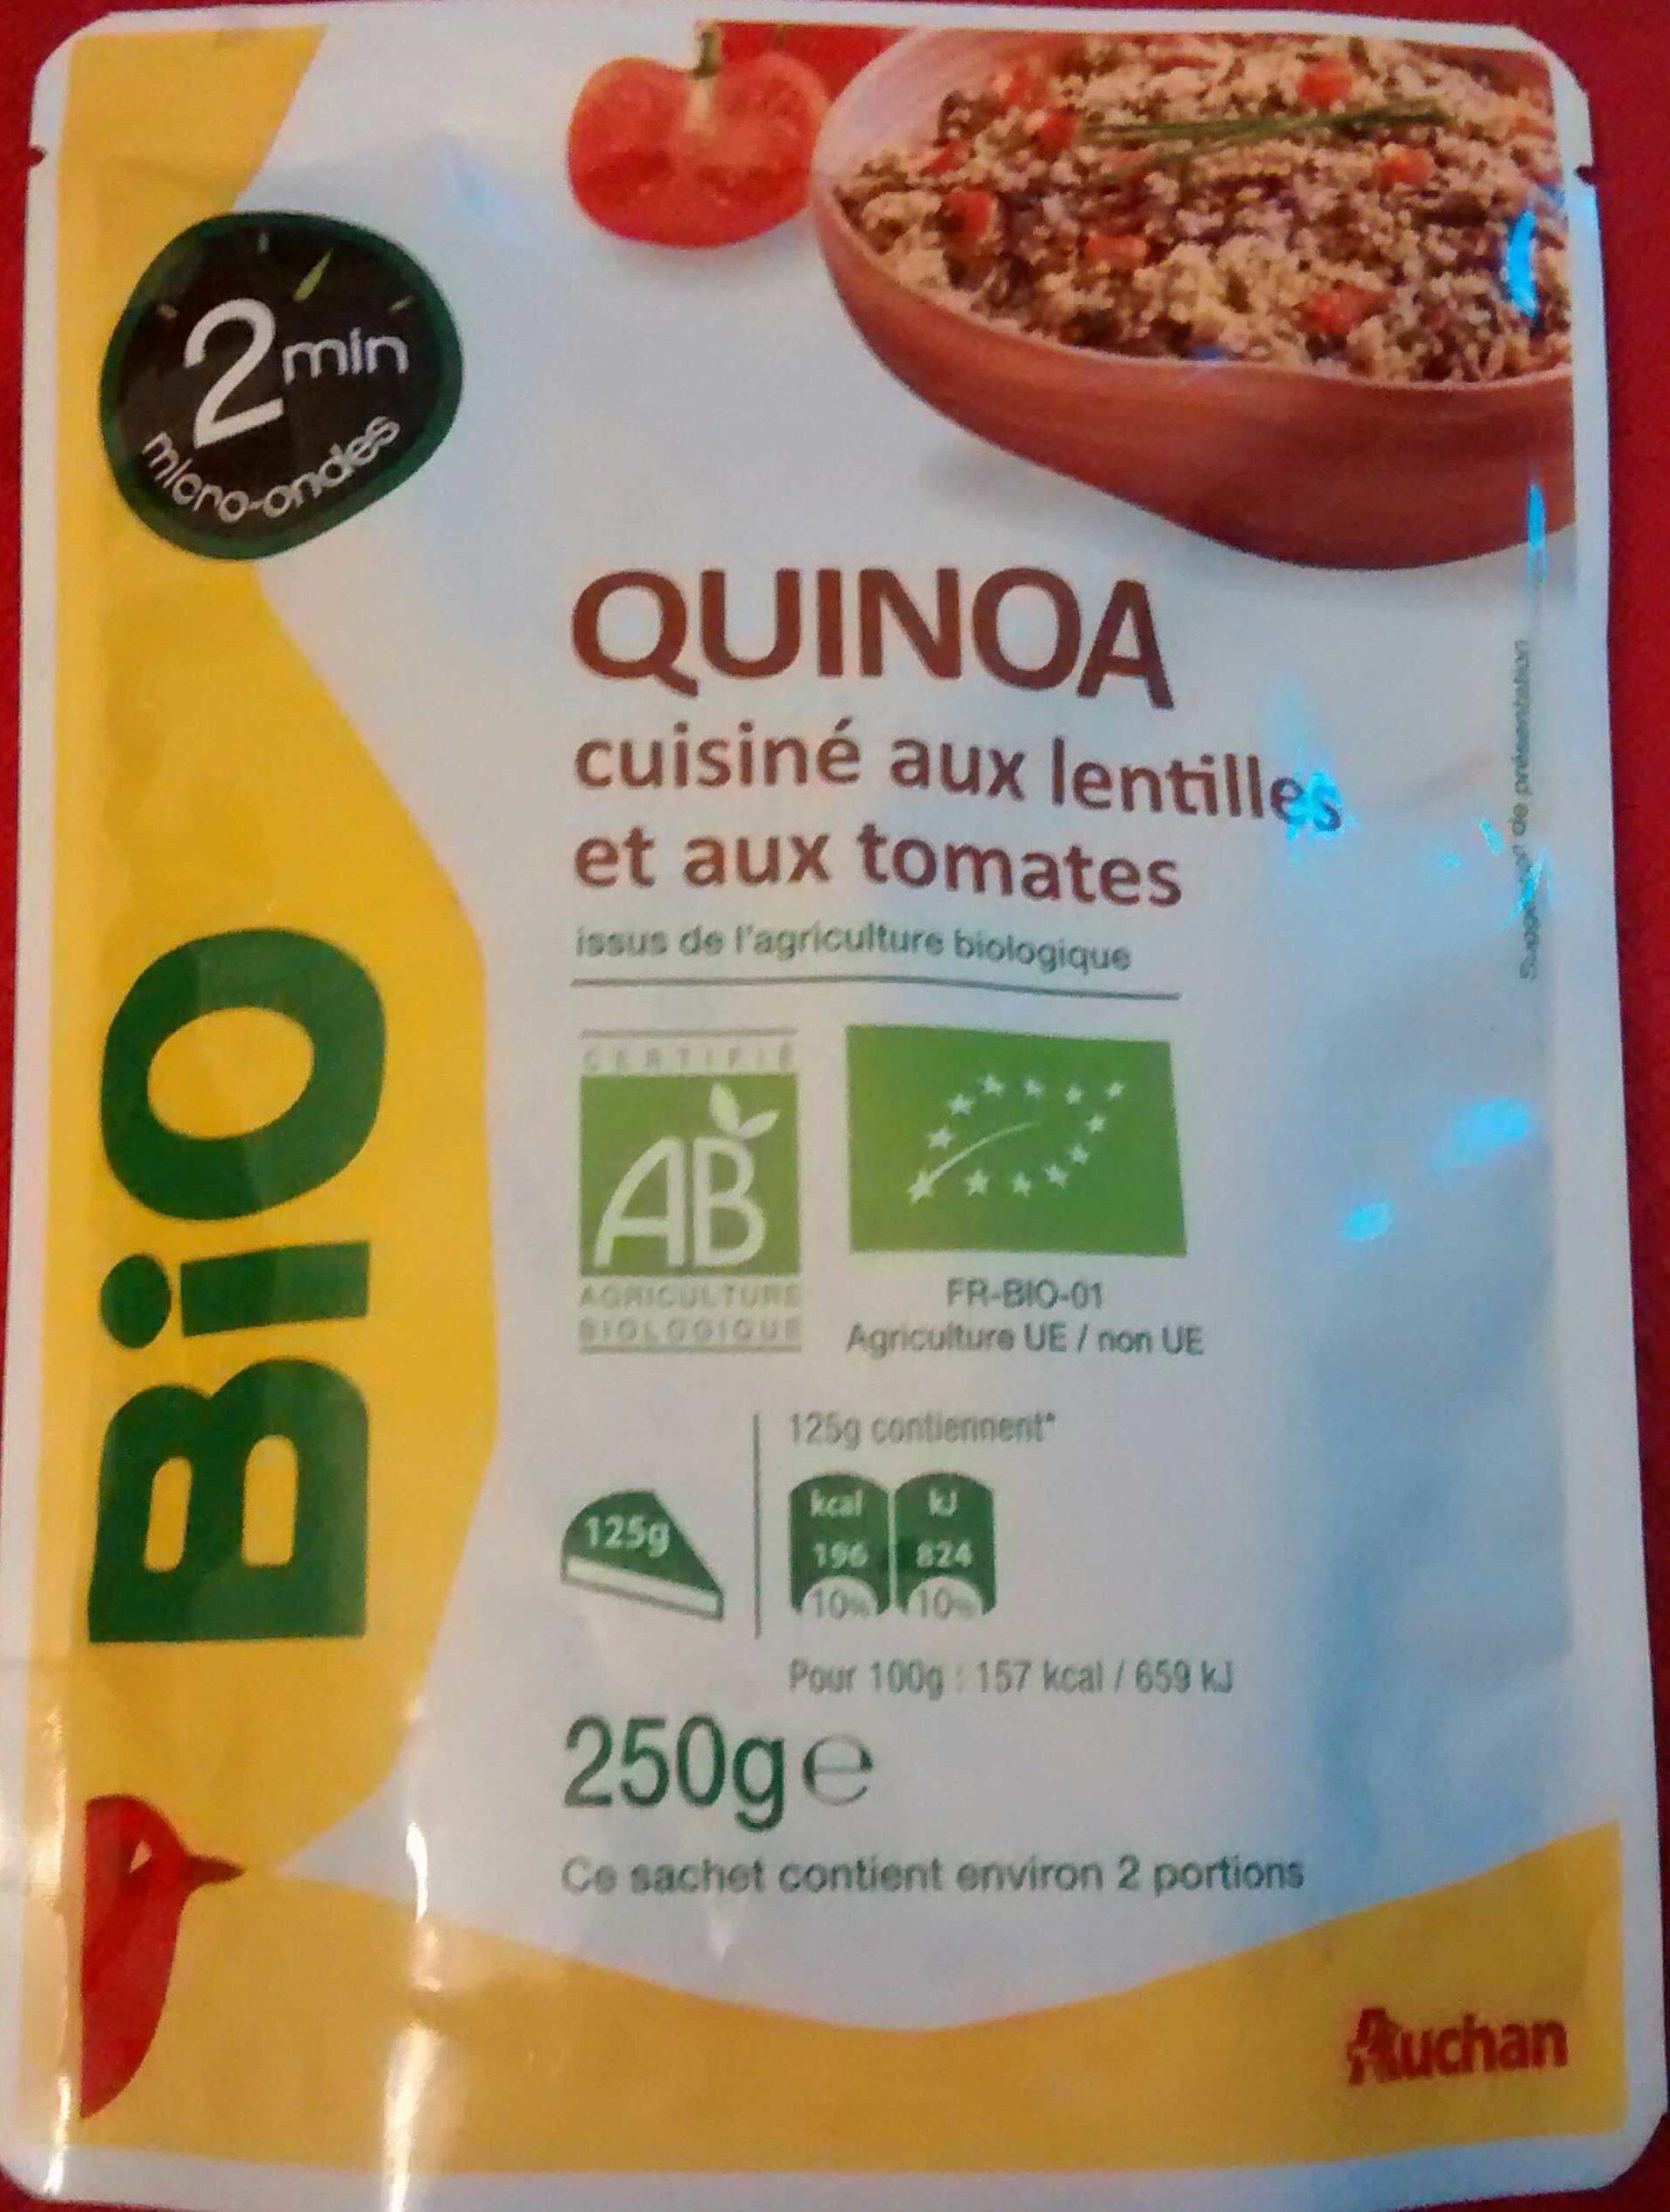 Quinoa cuisiné aux lentilles et aux tomates - Produit - fr